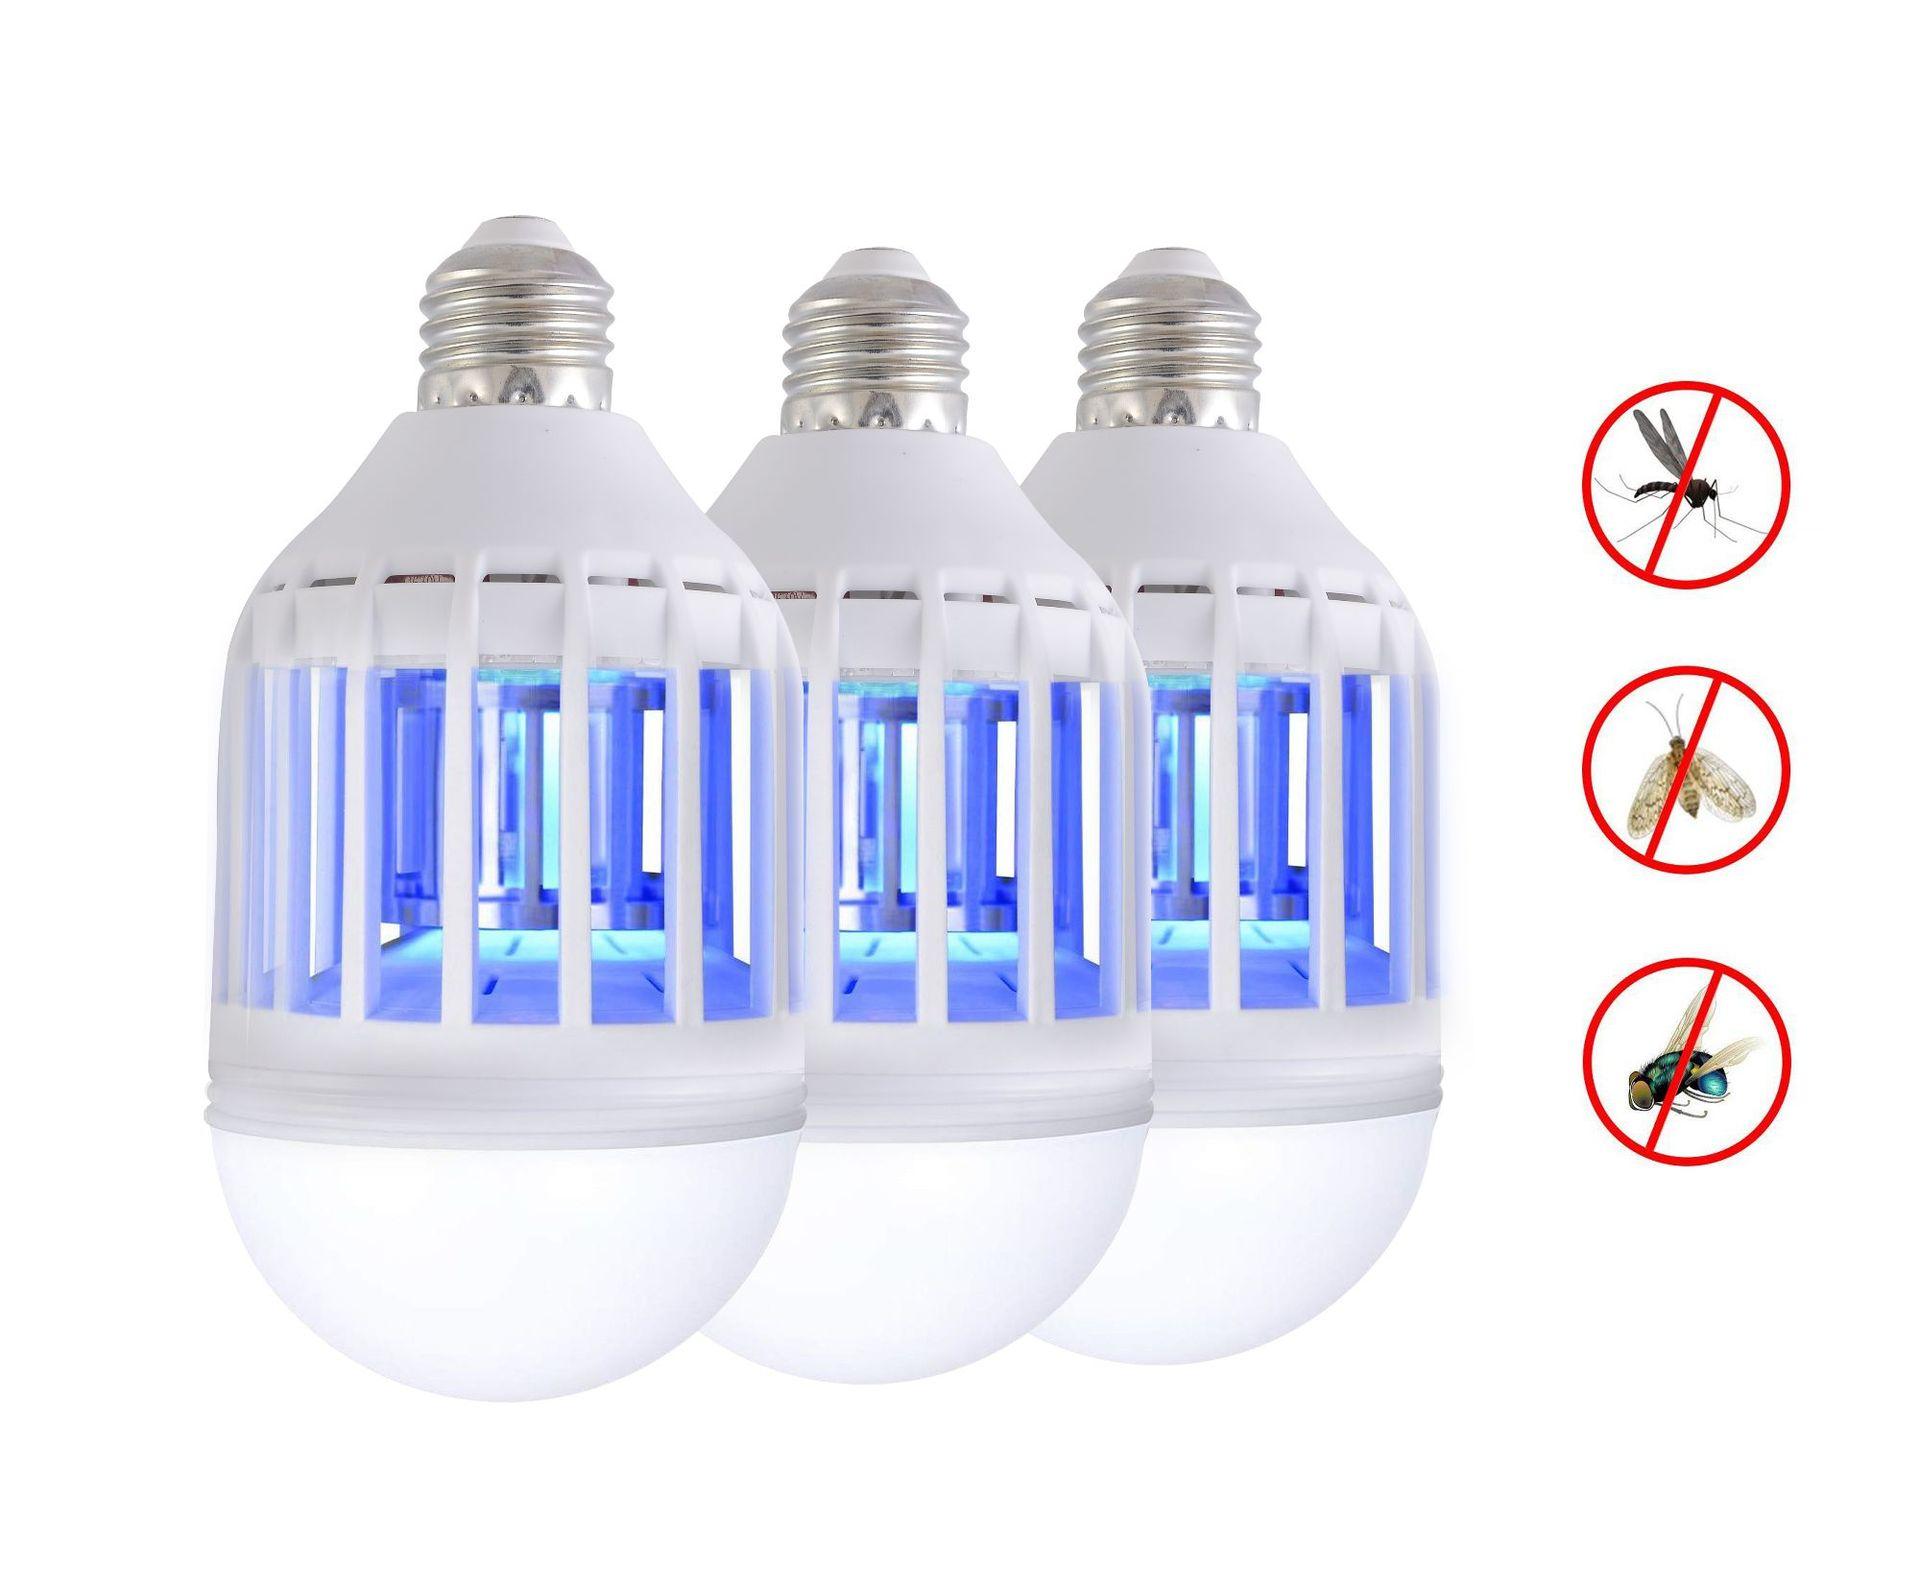 SHANLIANGXING Bóng đèn LED Bóng đèn diệt muỗi mới xuyên biên giới Phiên bản nâng cấp của bóng đèn le